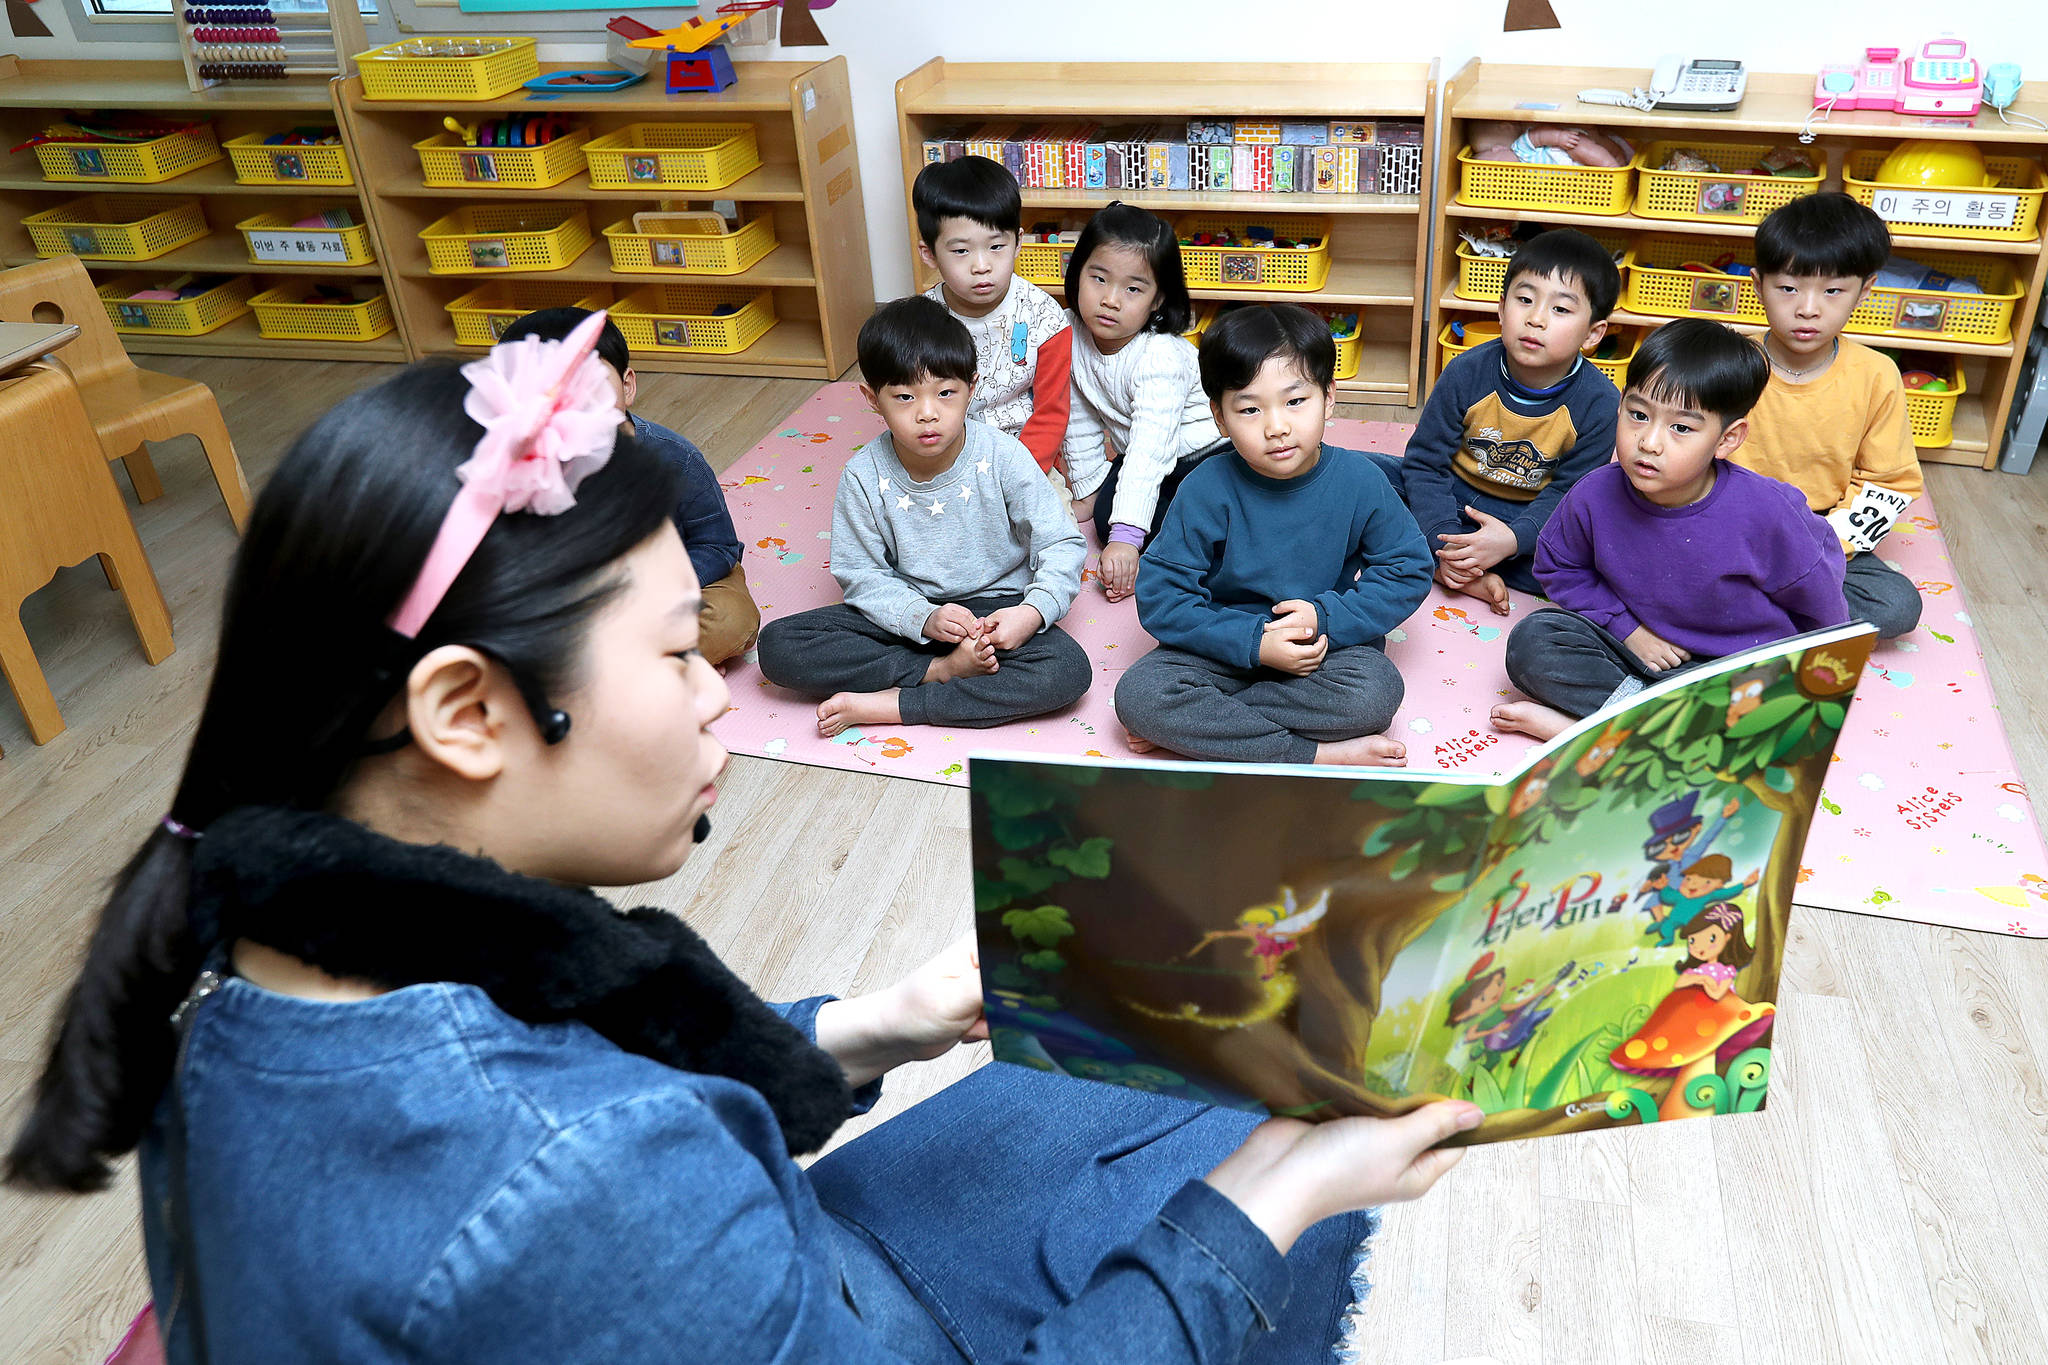 5일 오후 서울 종로구 재동 롯데백화점직장어린이집에서 방과후 영어수업이 진행되고 있다. 장진영 기자 / 20180105